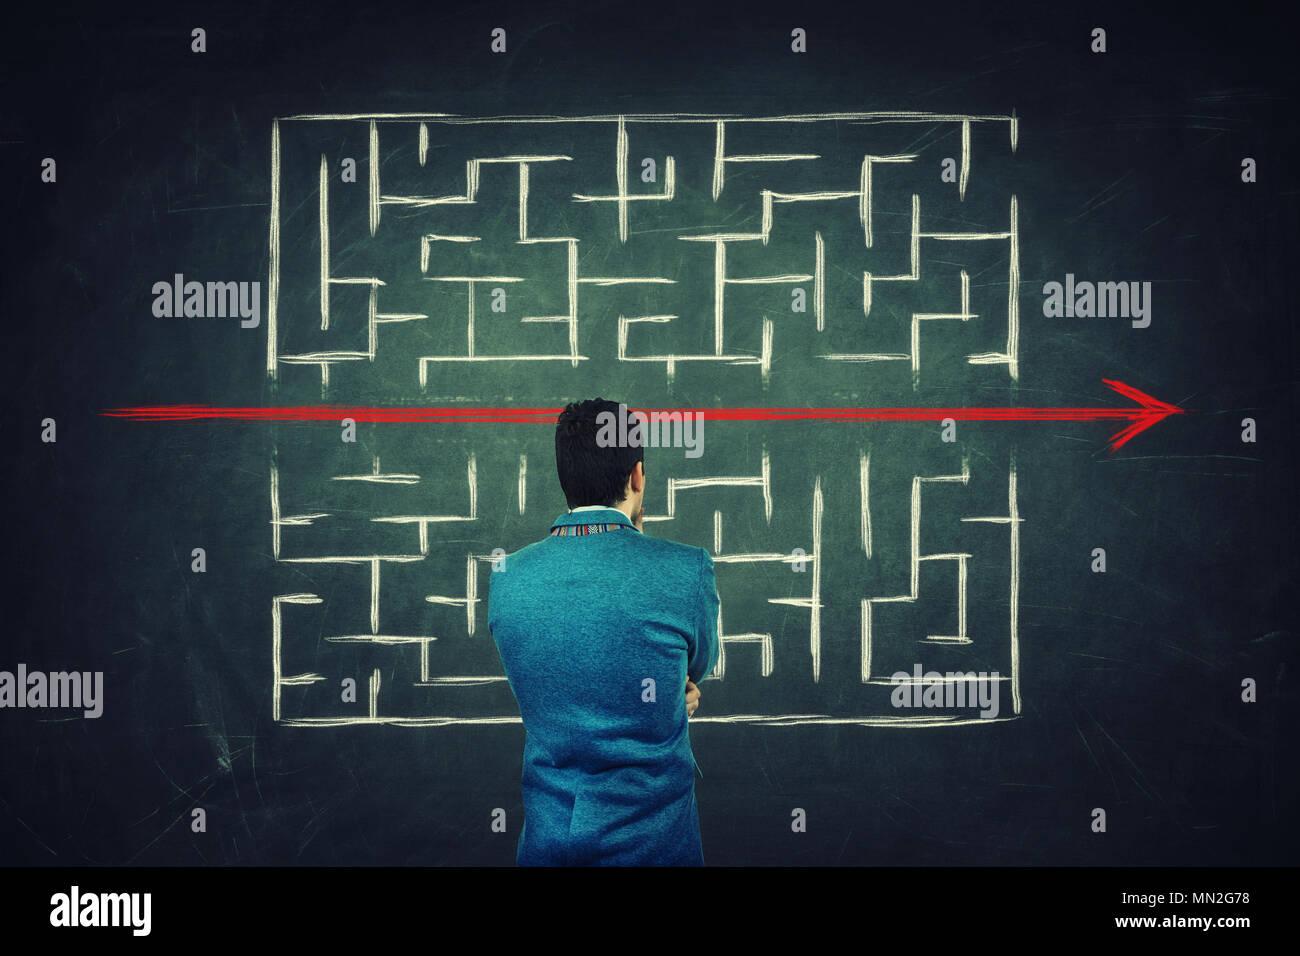 Vista posteriore di un imprenditore perplesso di fronte a una lavagna di trovare una soluzione per sfuggire dal labirinto. Di infrangere le regole, come una linea rossa per forare il Immagini Stock